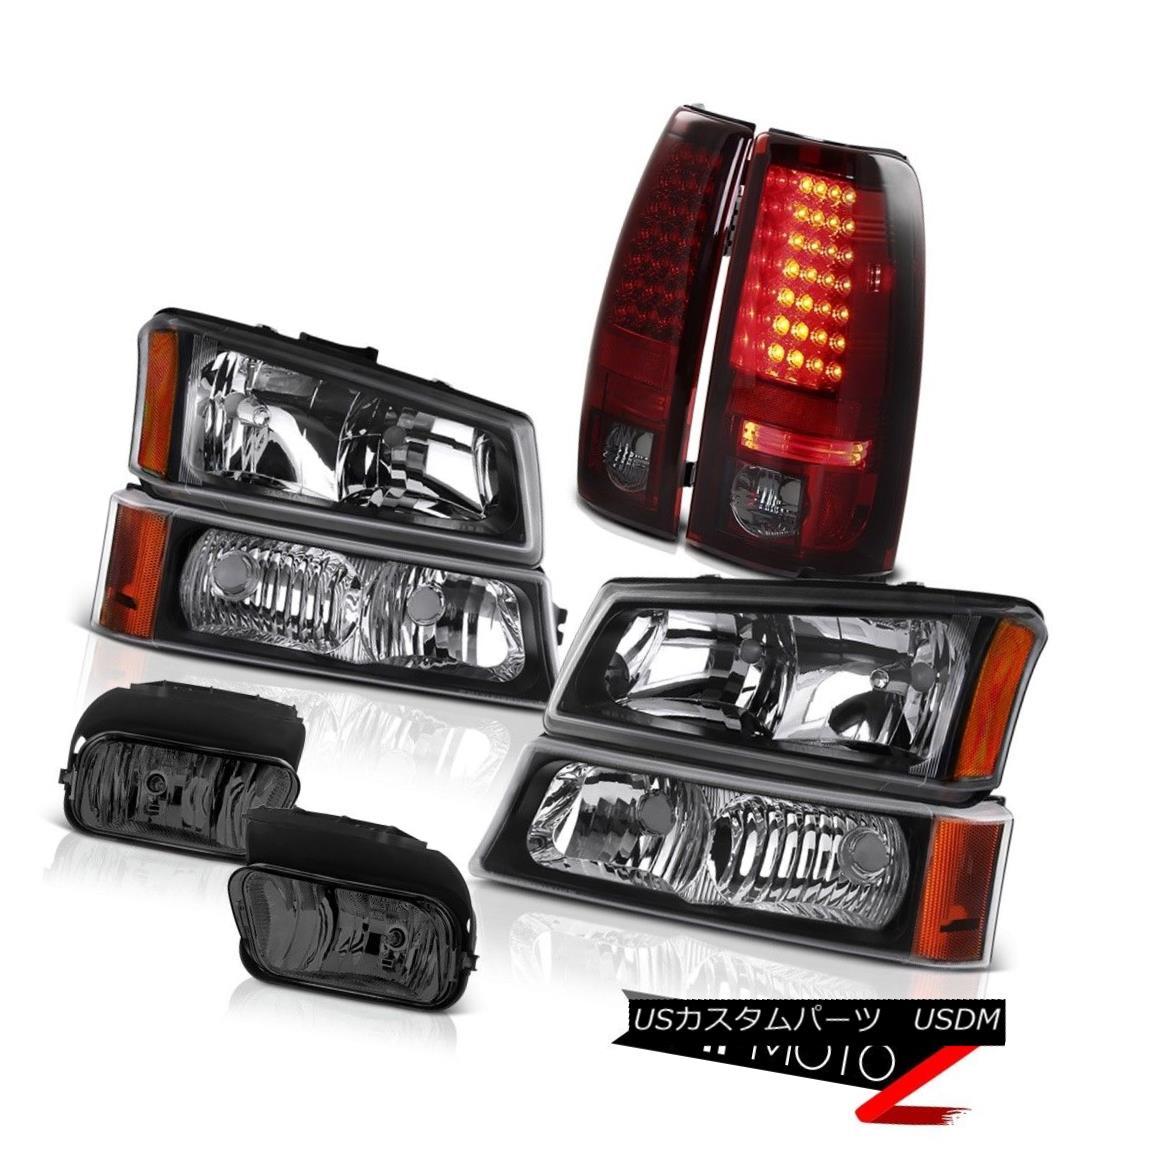 テールライト 03 04 Silverado Vortec Max Bumper+Headlamps Smoke LED Brake Lamp Bumper Foglamp 03 04 Silverado Vortec Maxバンパー+ヘッドラム psスモークLEDブレーキランプバンパーフォグランプ